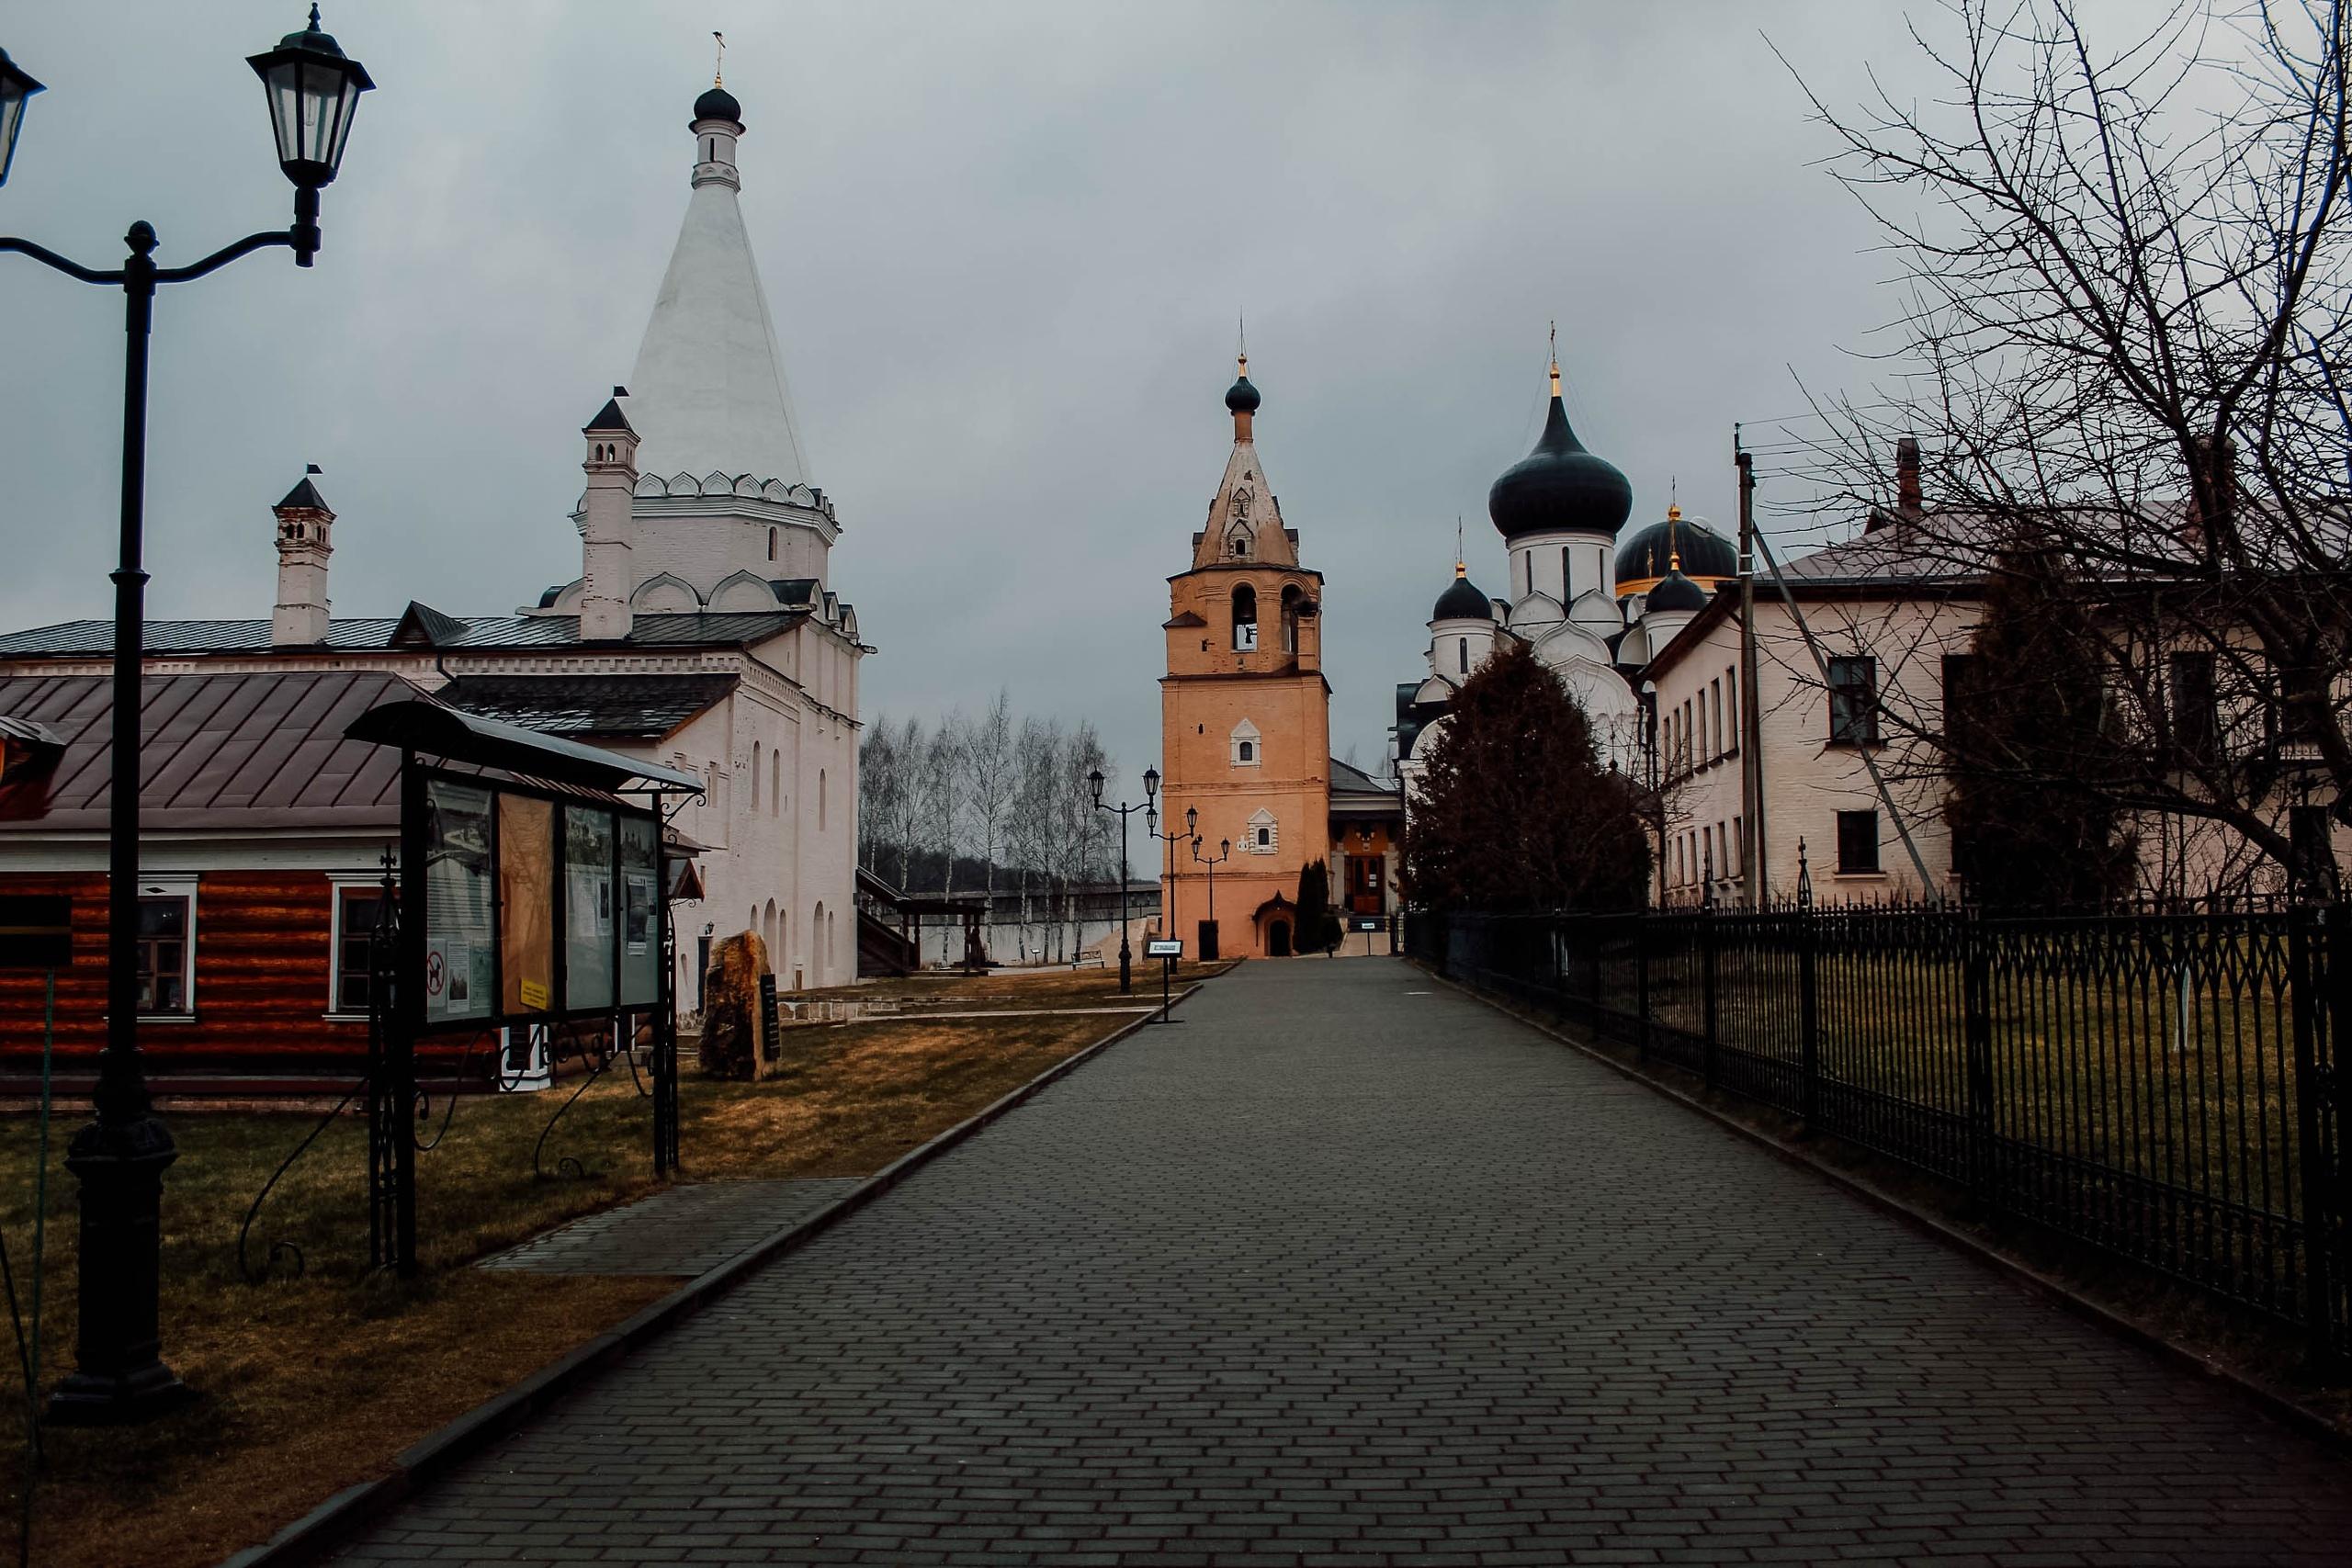 Монастырь в Тверской области закрыли на карантин: у монахов ковид